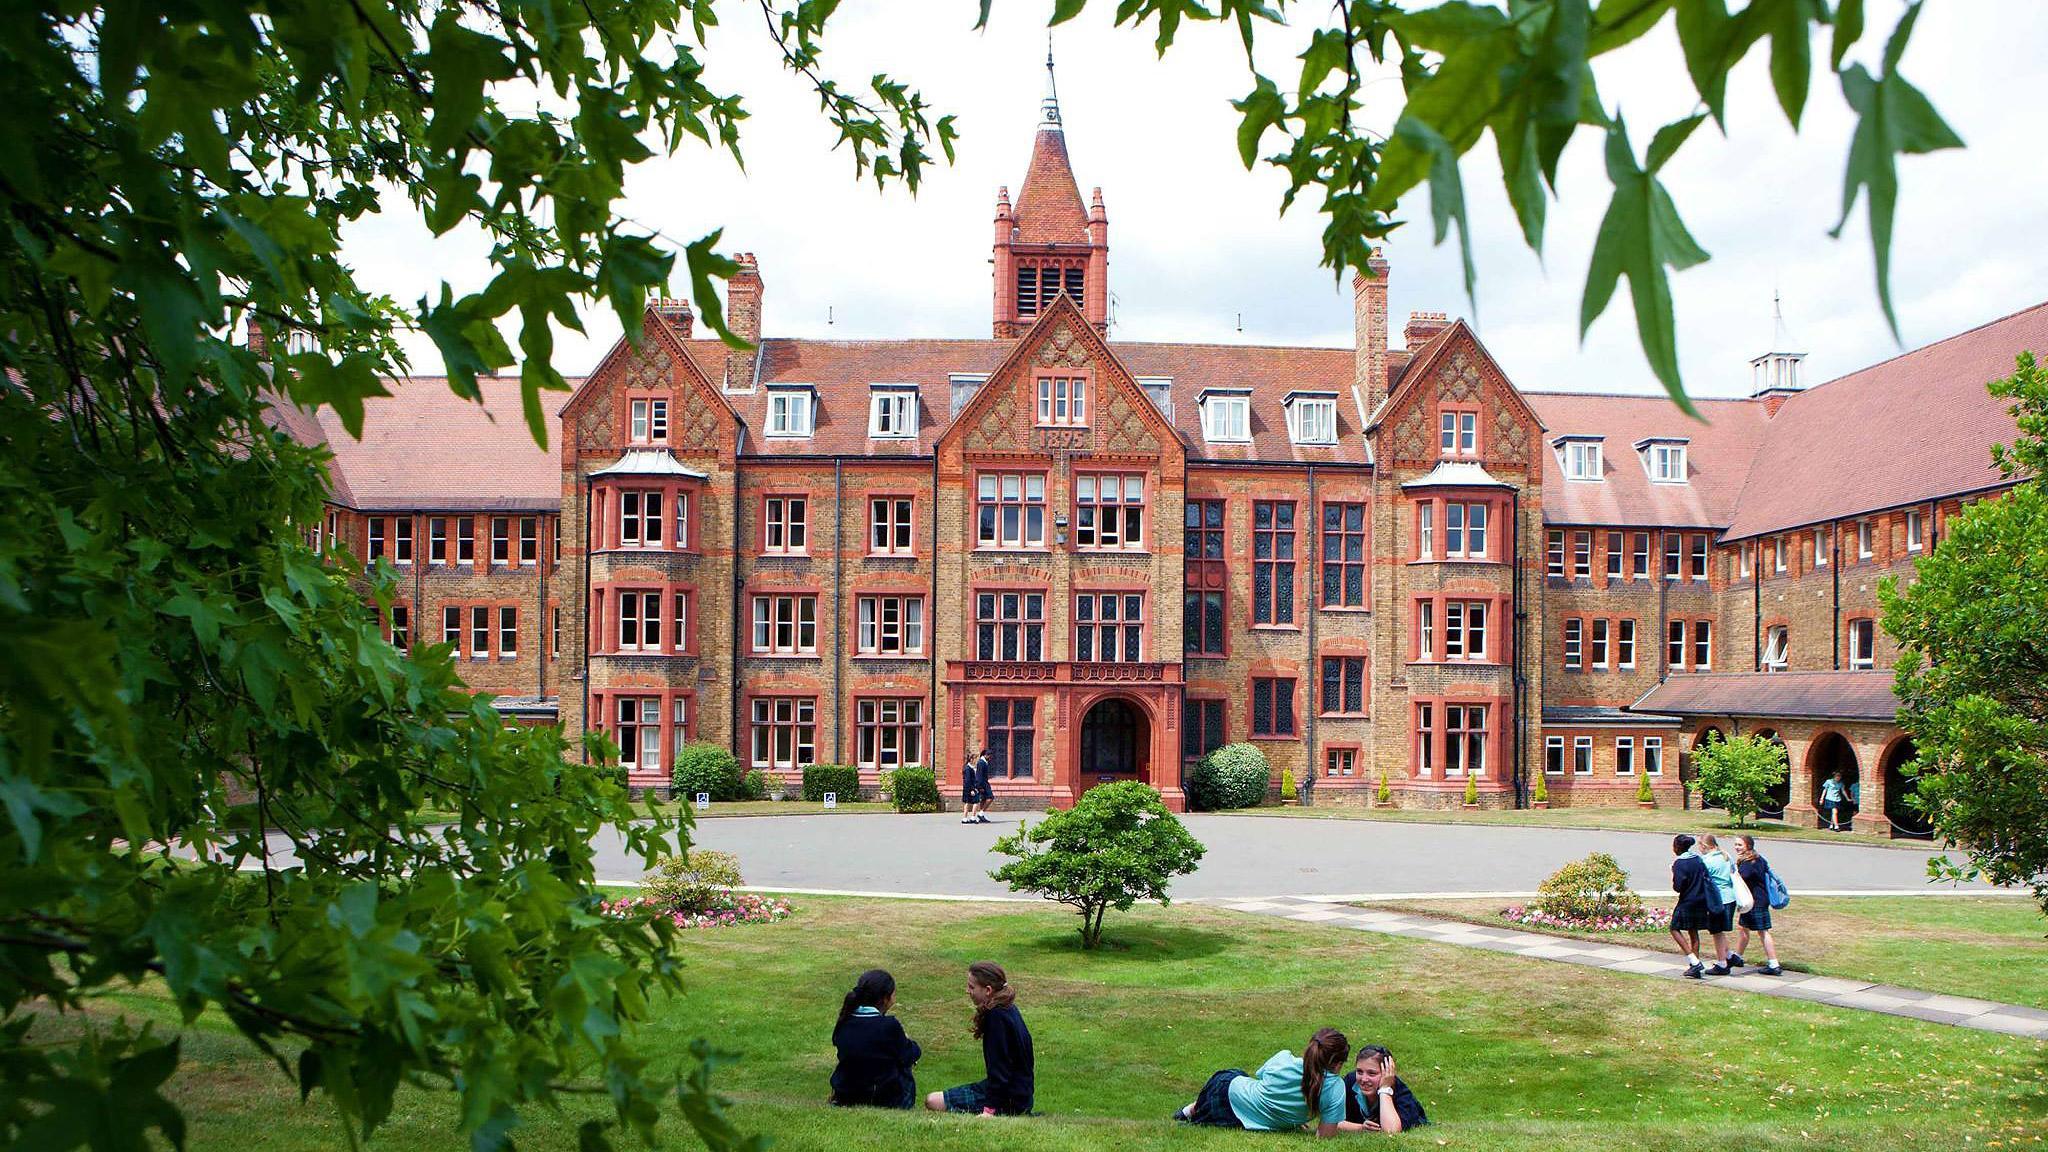 St Margaret's school, Bushey